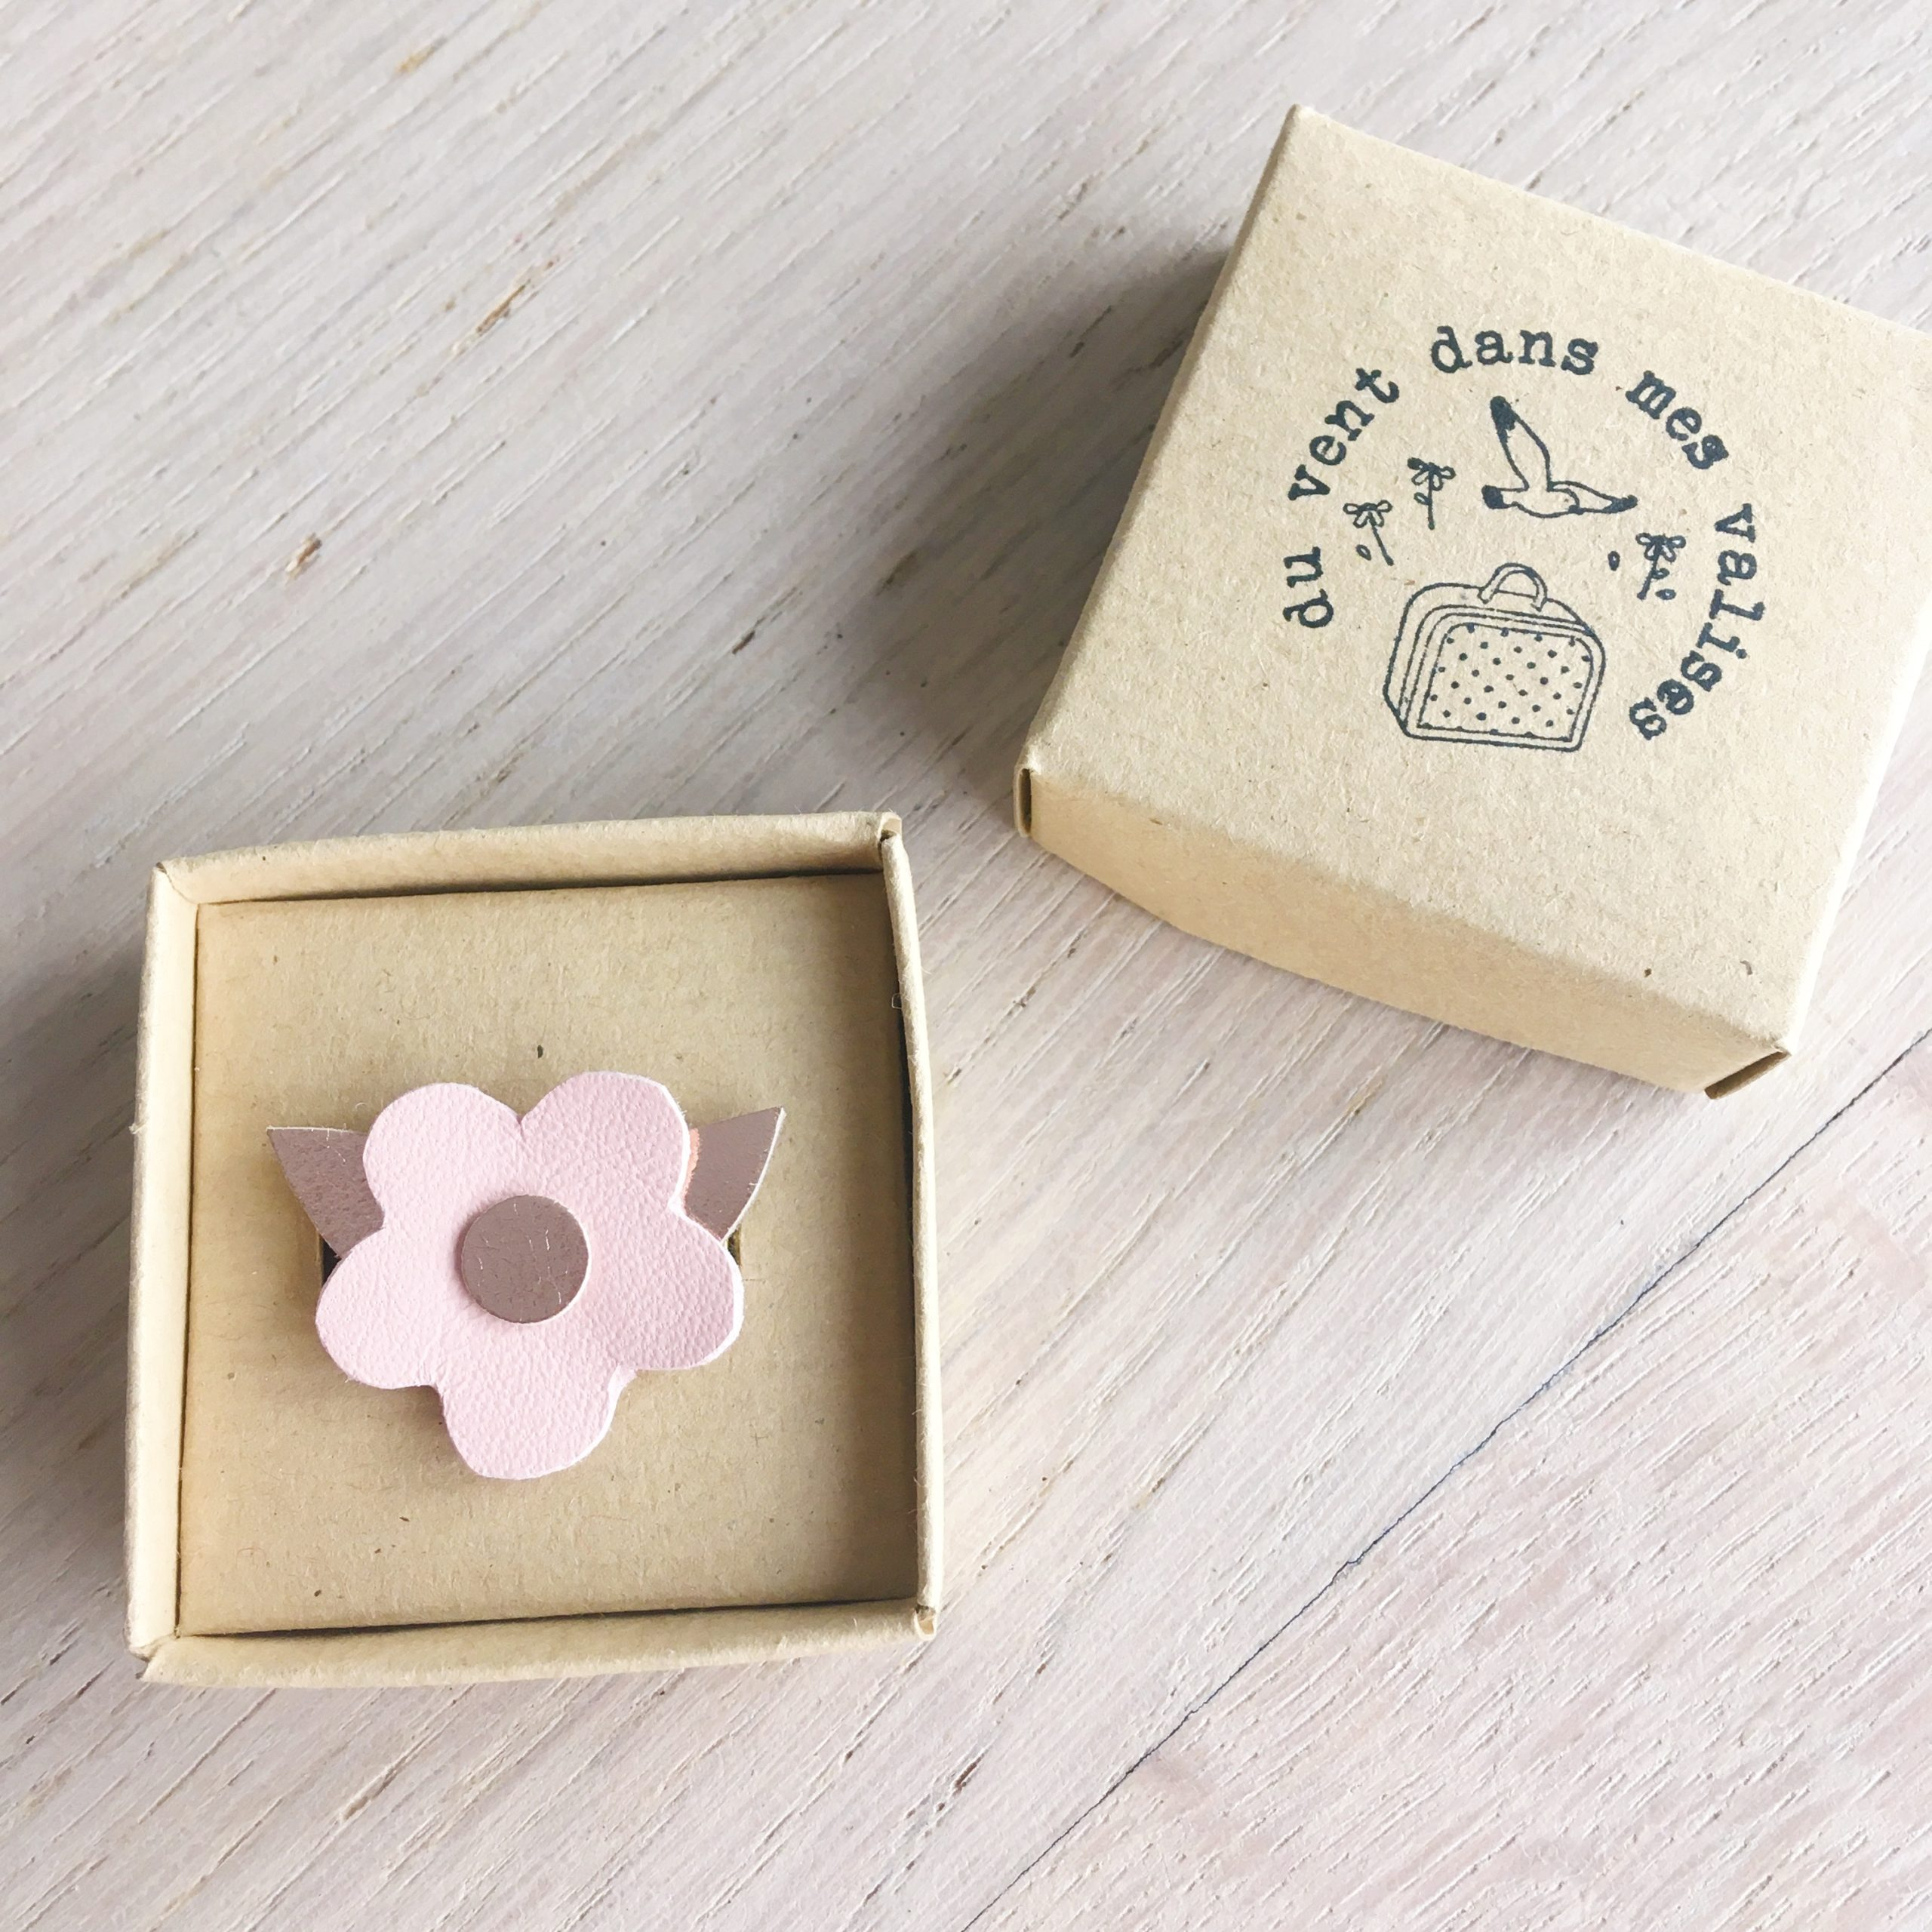 broche fleur rose poudre bijou poétique en cuir made in france - du vent dans mes valises